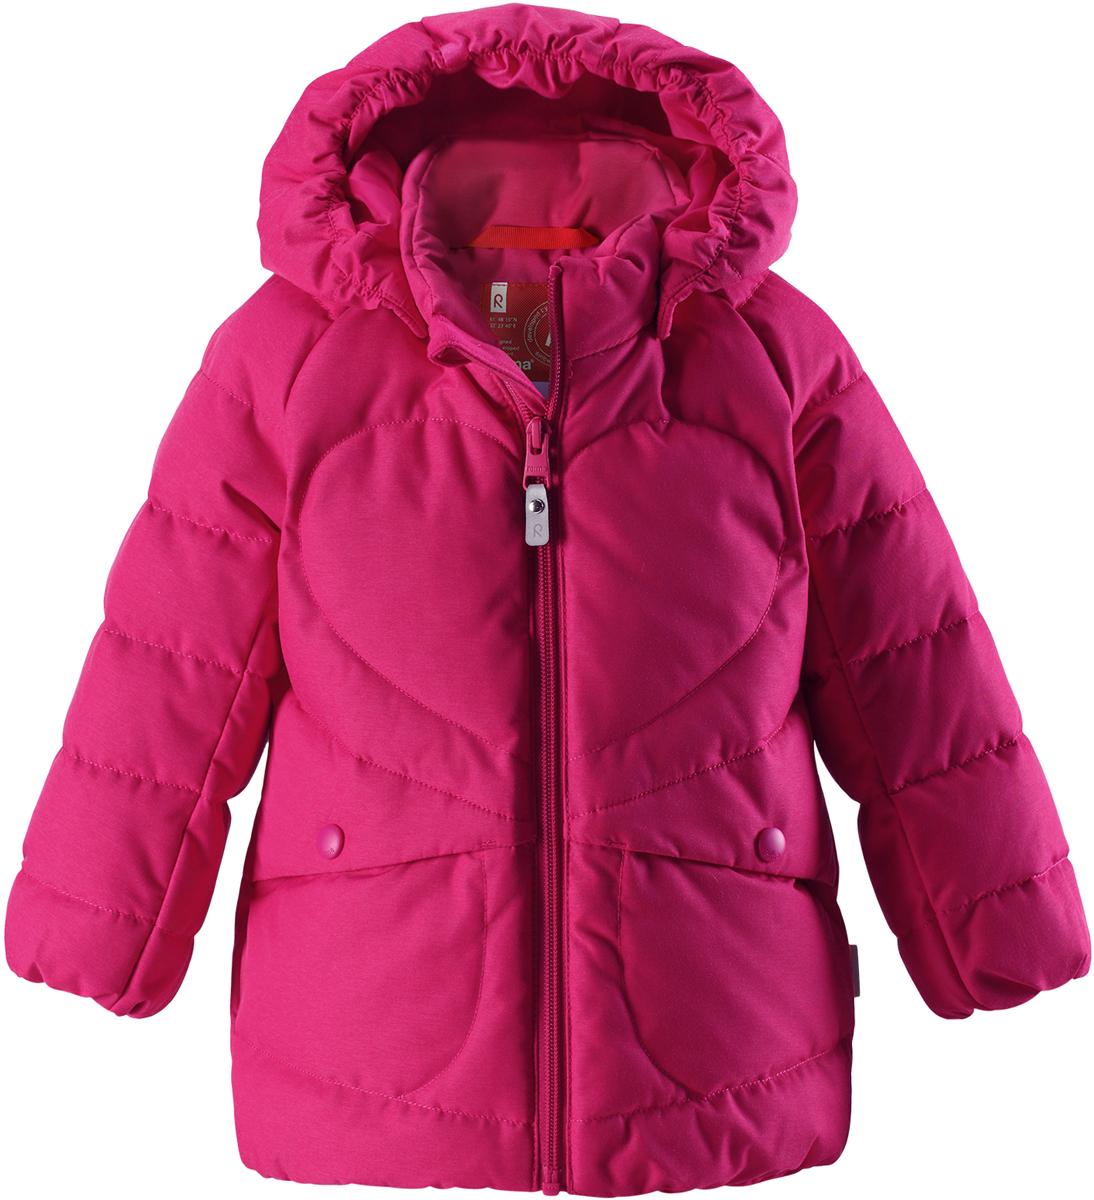 Пуховик для девочки Reima Loiste, цвет: розовый. 5112603560. Размер 1045112603560Невероятно теплый, практичный и абсолютно непромокаемый пуховик просто создан для активных зимних прогулок!Эту куртку из водо- и грязеотталкивающего материла рекомендуется носить в сухую морозную зимнюю погоду. Куртка снабжена безопасным съемным капюшоном и двумя боковыми карманами. Обратите внимание на забавную строчку и стильную матовую поверхность ткани!Высокая степень утепления.